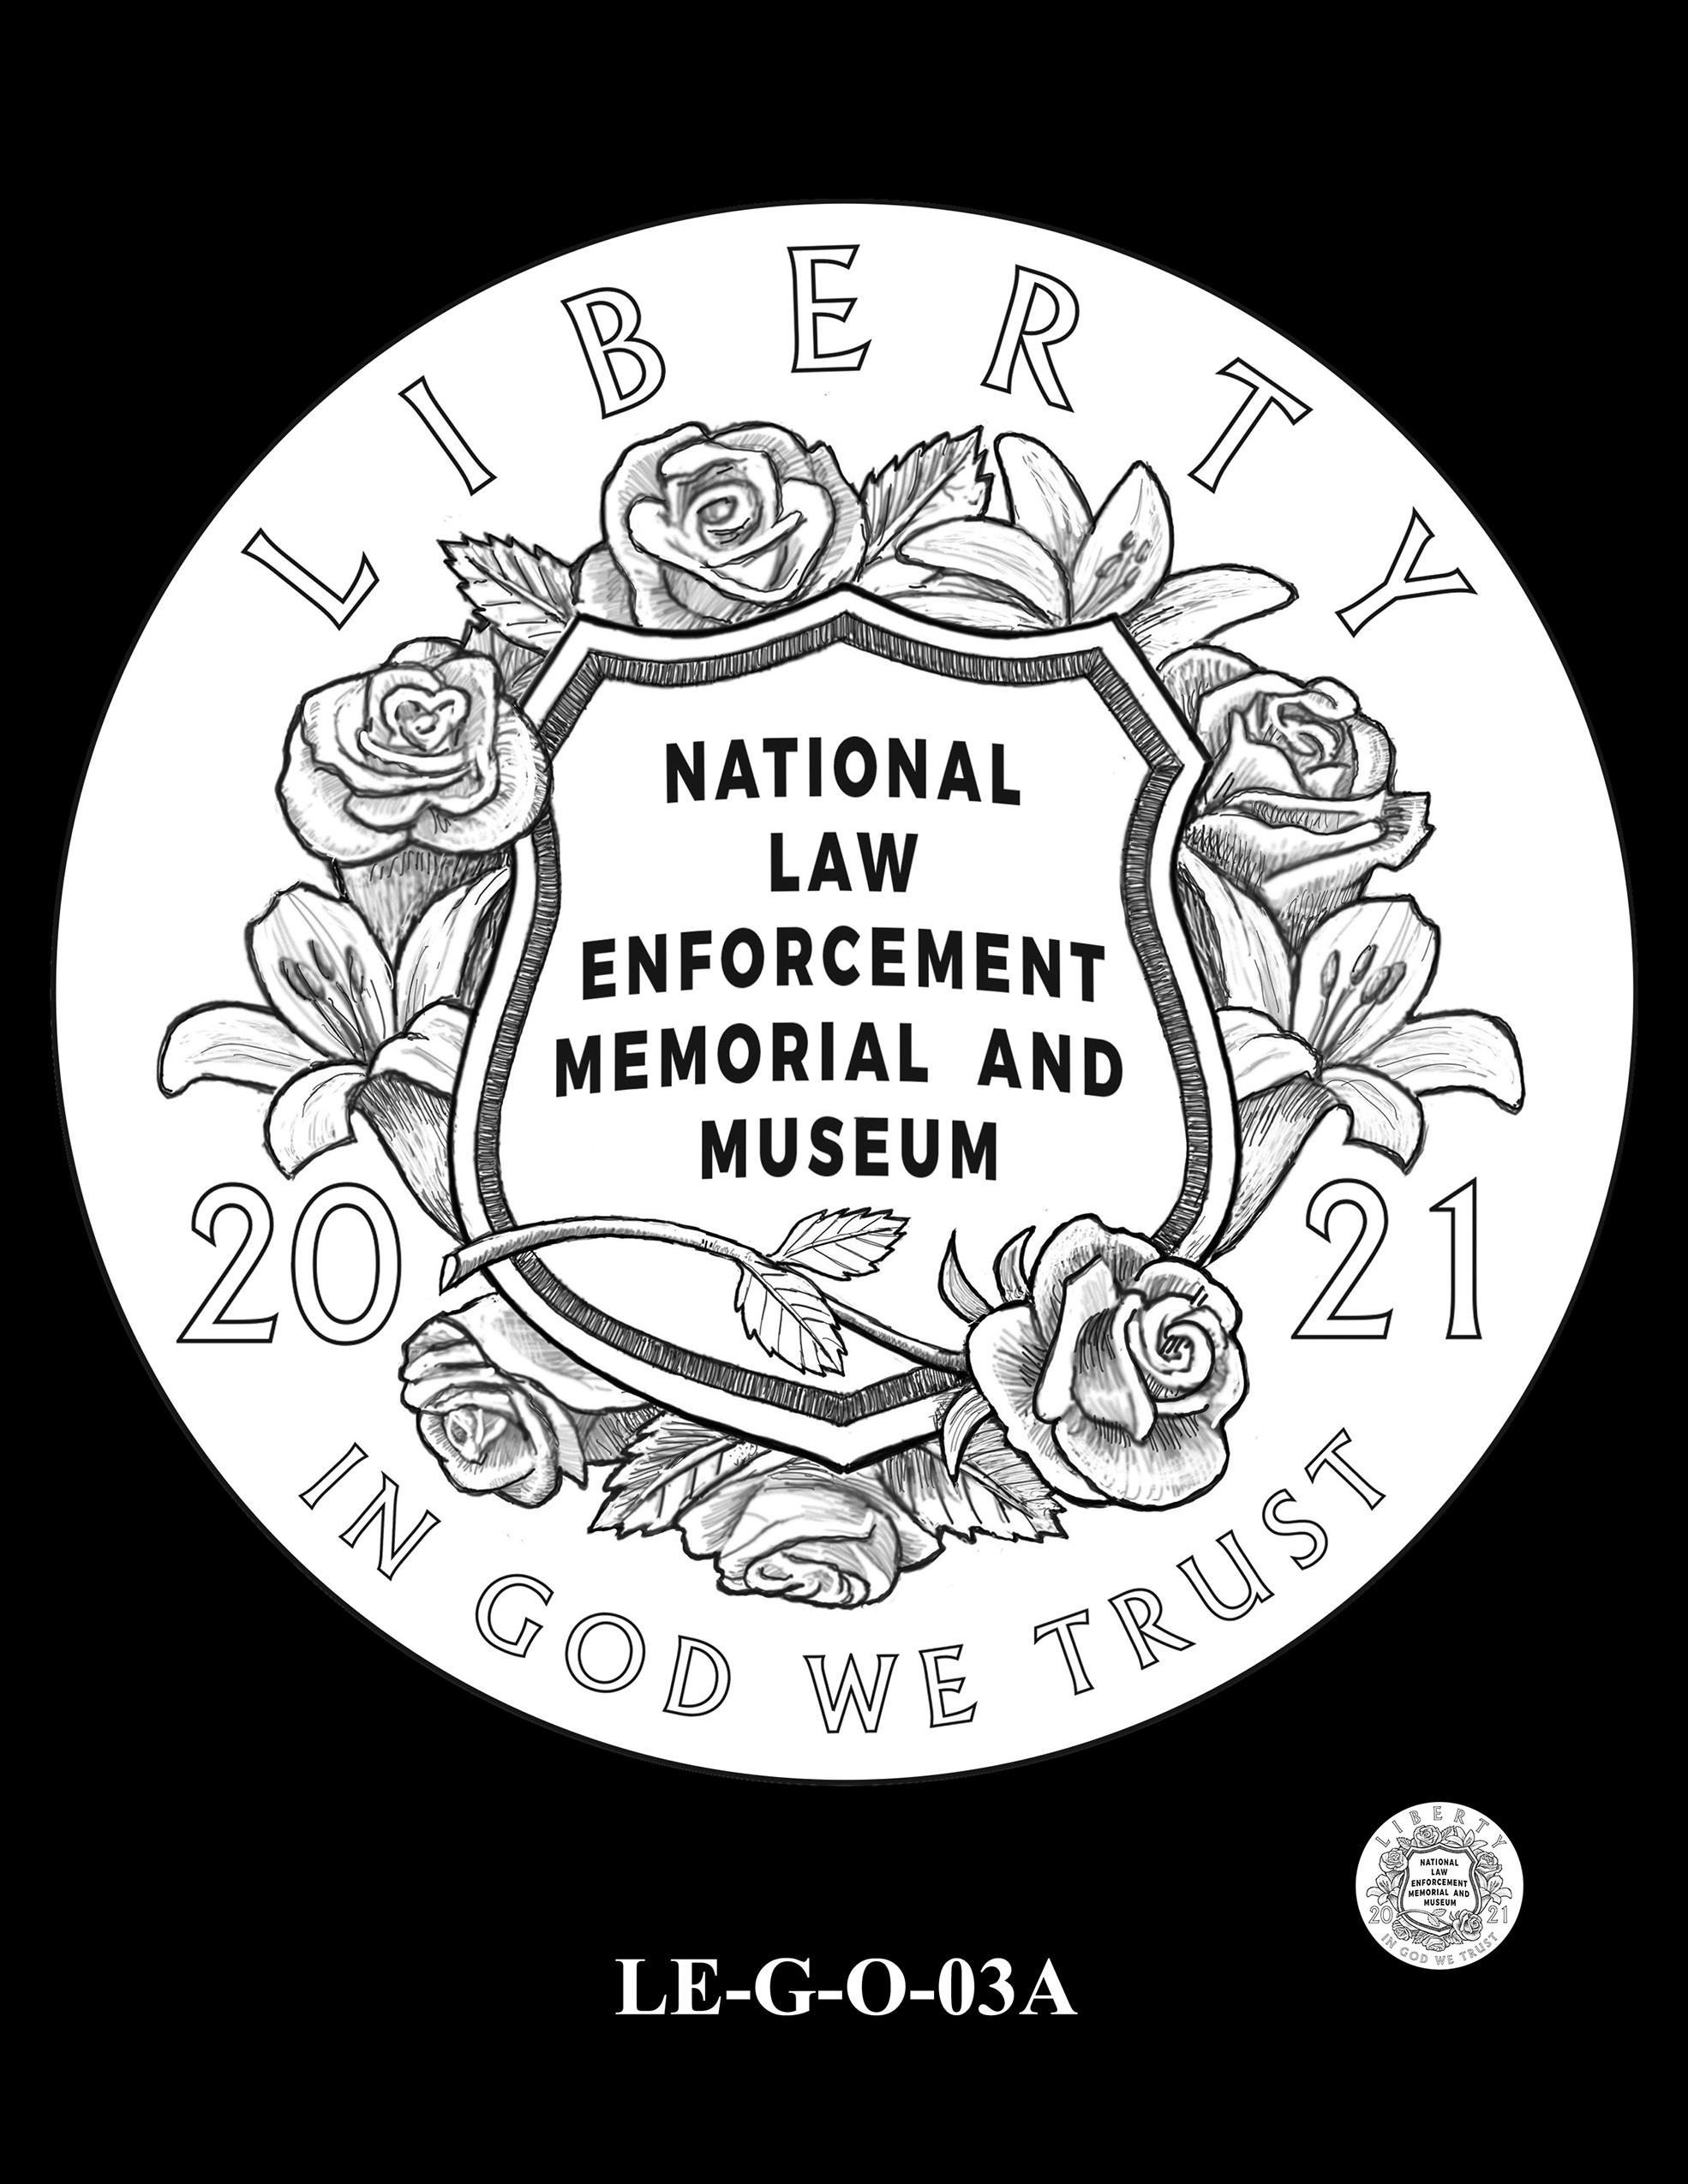 LE-G-O-03A -- National Law Enforcement Museum Commemorative Coin Program